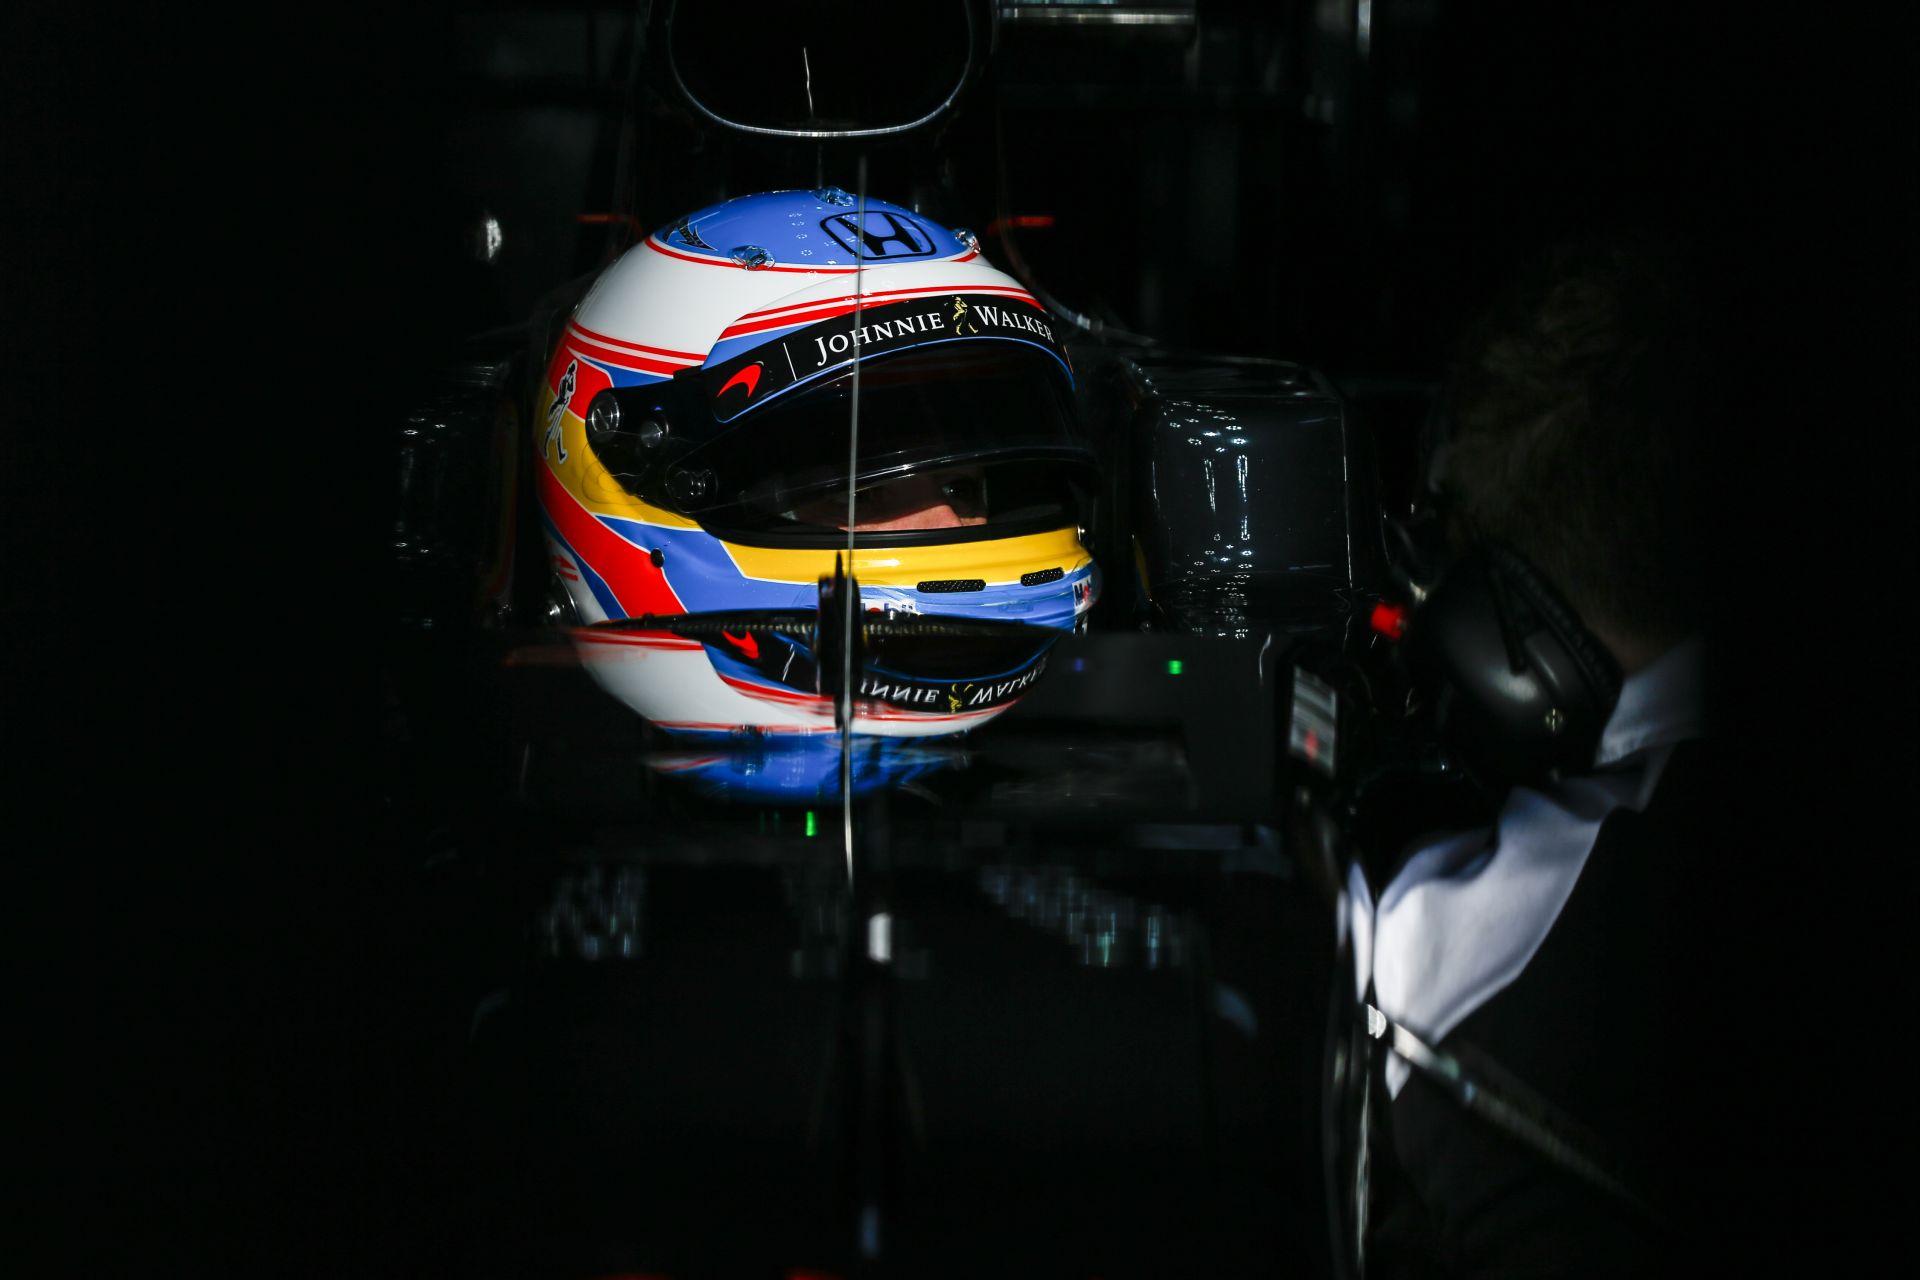 Csalódás és fejlődés egyszerre volt a McLarennél, mondja Alonso és a Honda